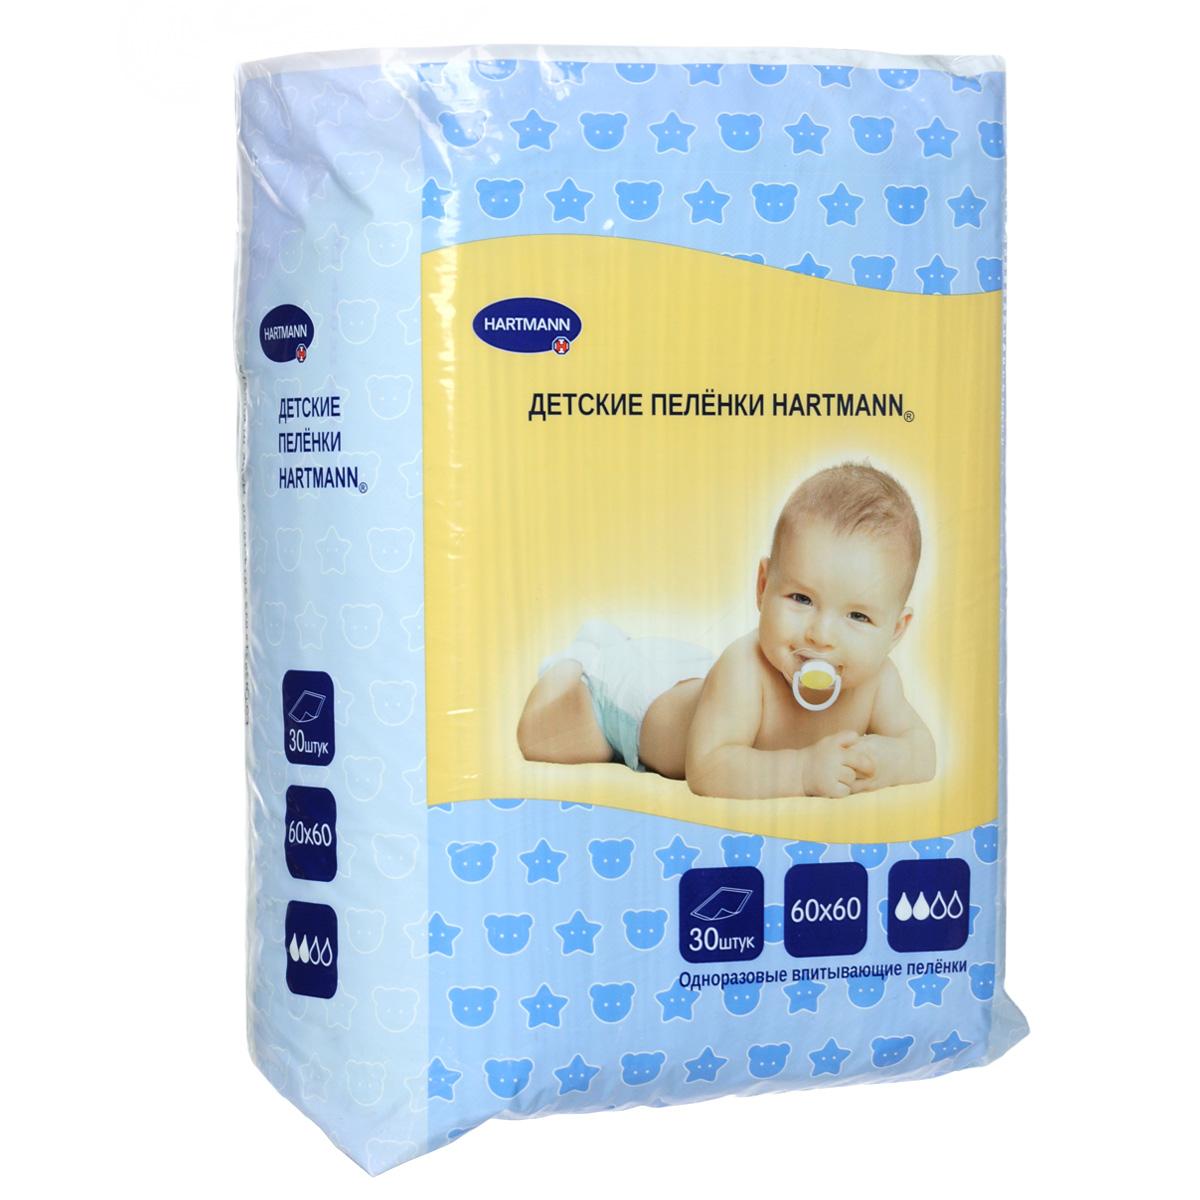 Hartmann Пеленки детские, впитывающие, 60 см х 60 см, 30 шт luxsan пеленки впитывающие одноразовые basic normal 60 см х 60 см 30 шт